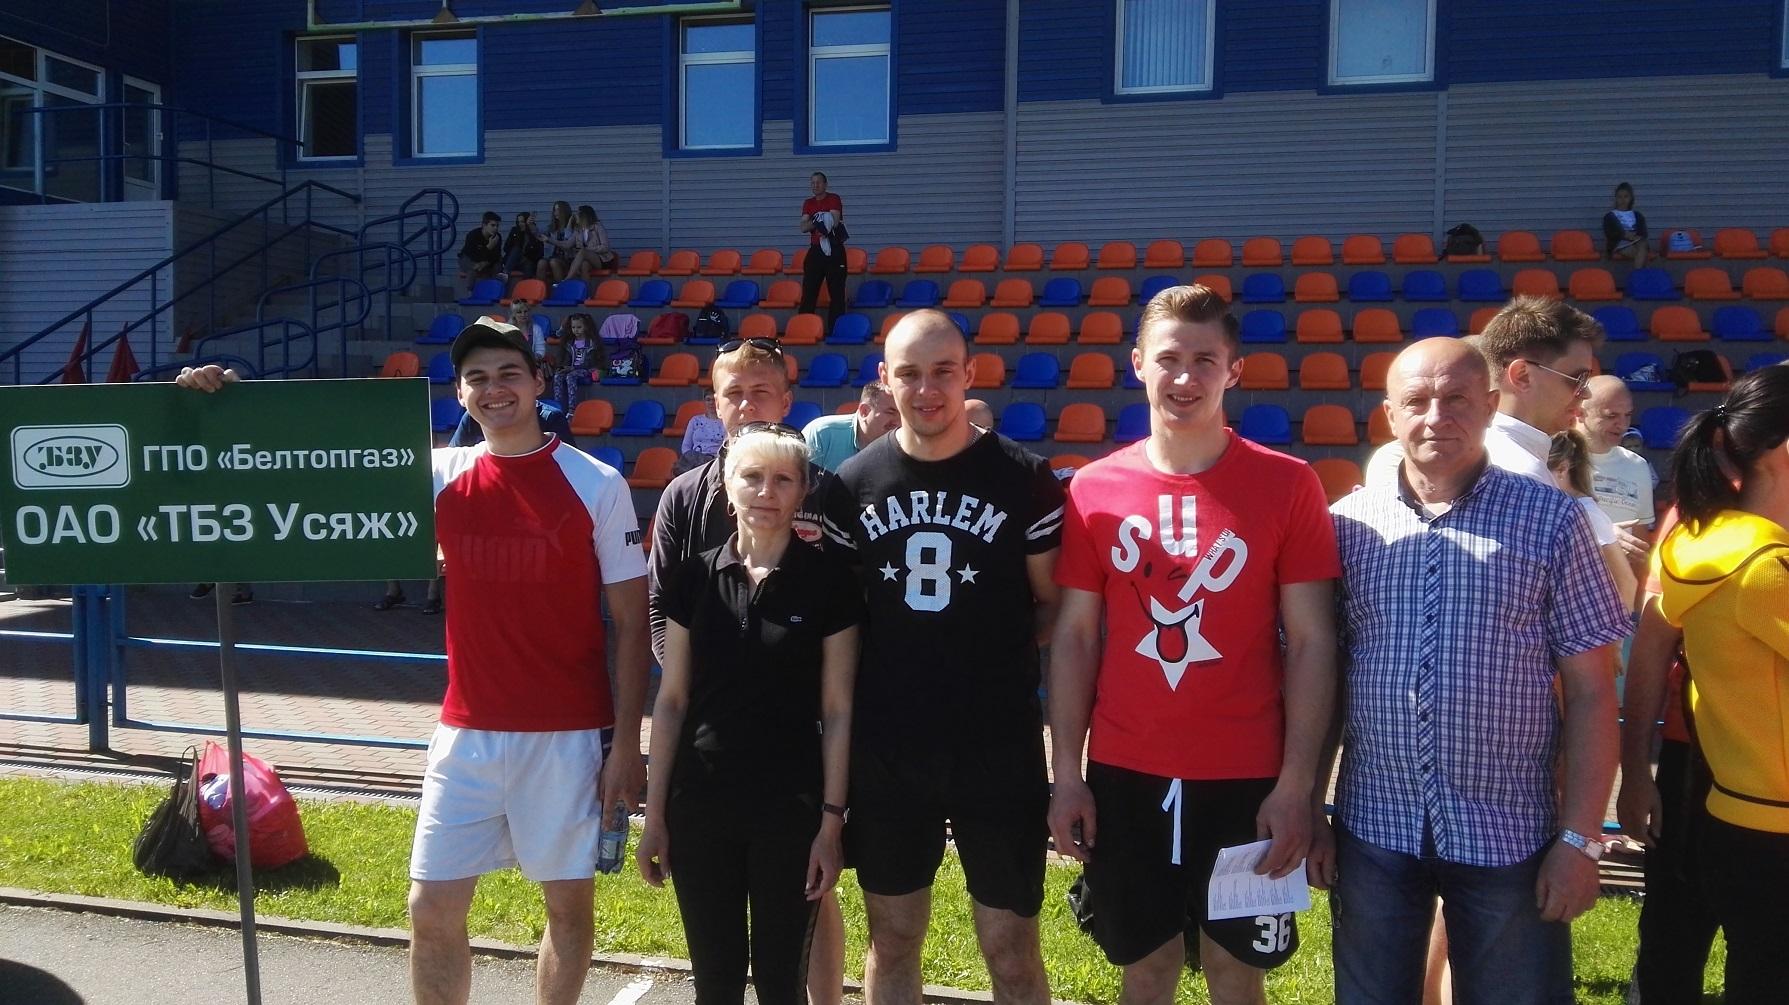 Сдача нормативов Государственного физкультурно-оздоровительного комплекса Республики Беларусь